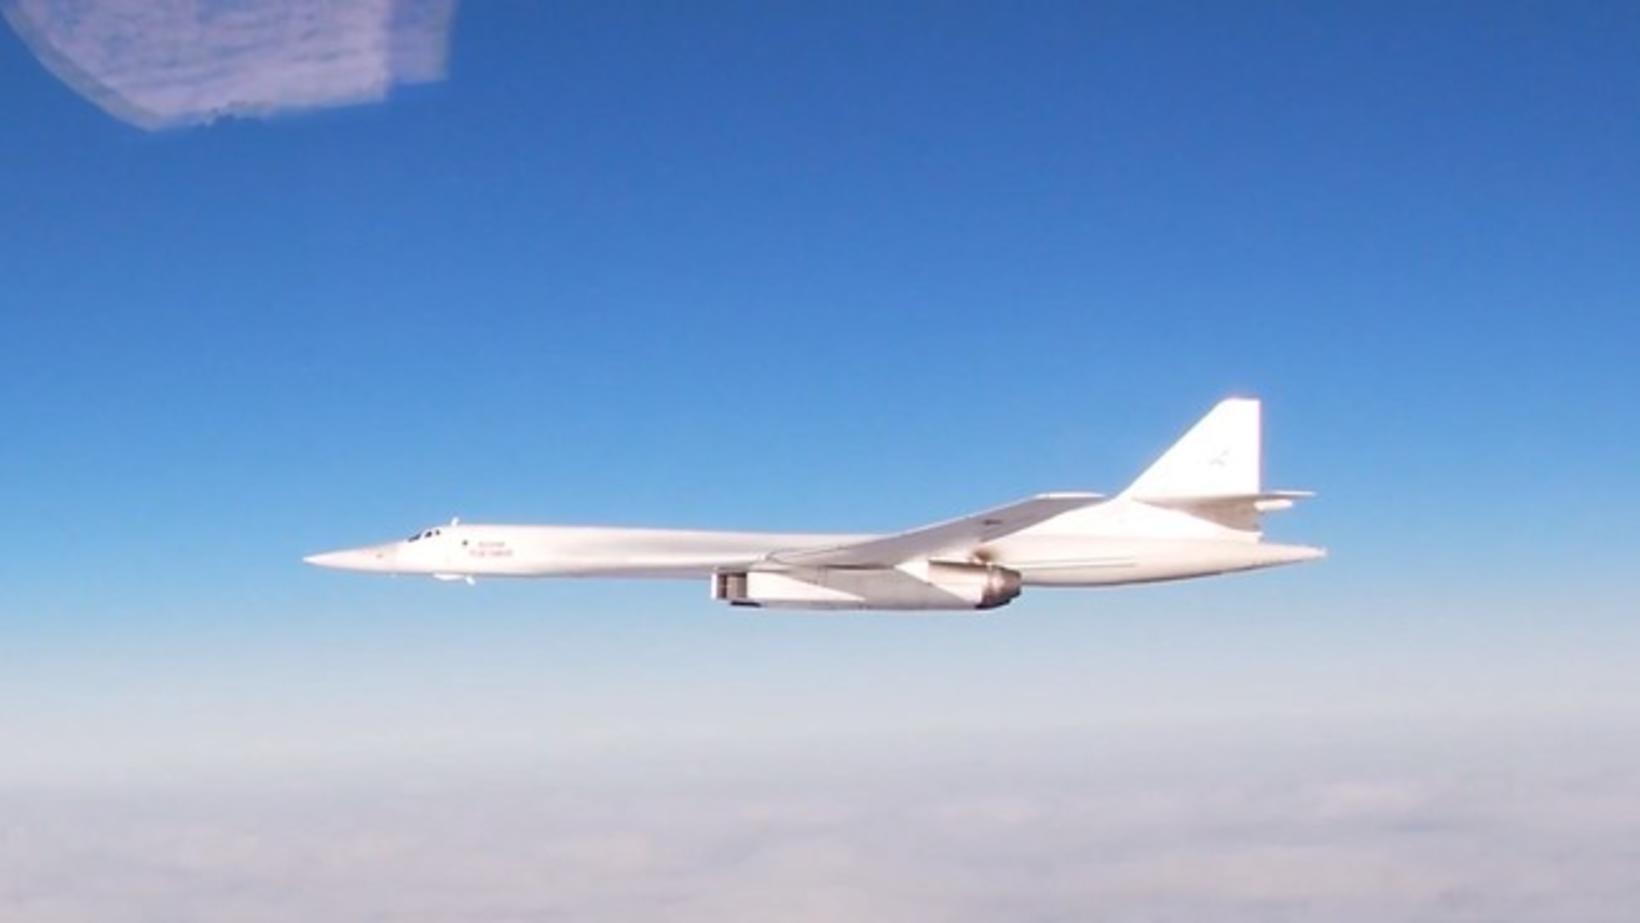 Rússnesk Tupolev Tu-160-sprengjuflugvél sem borið getur 50 tonn af flugskeytum, …